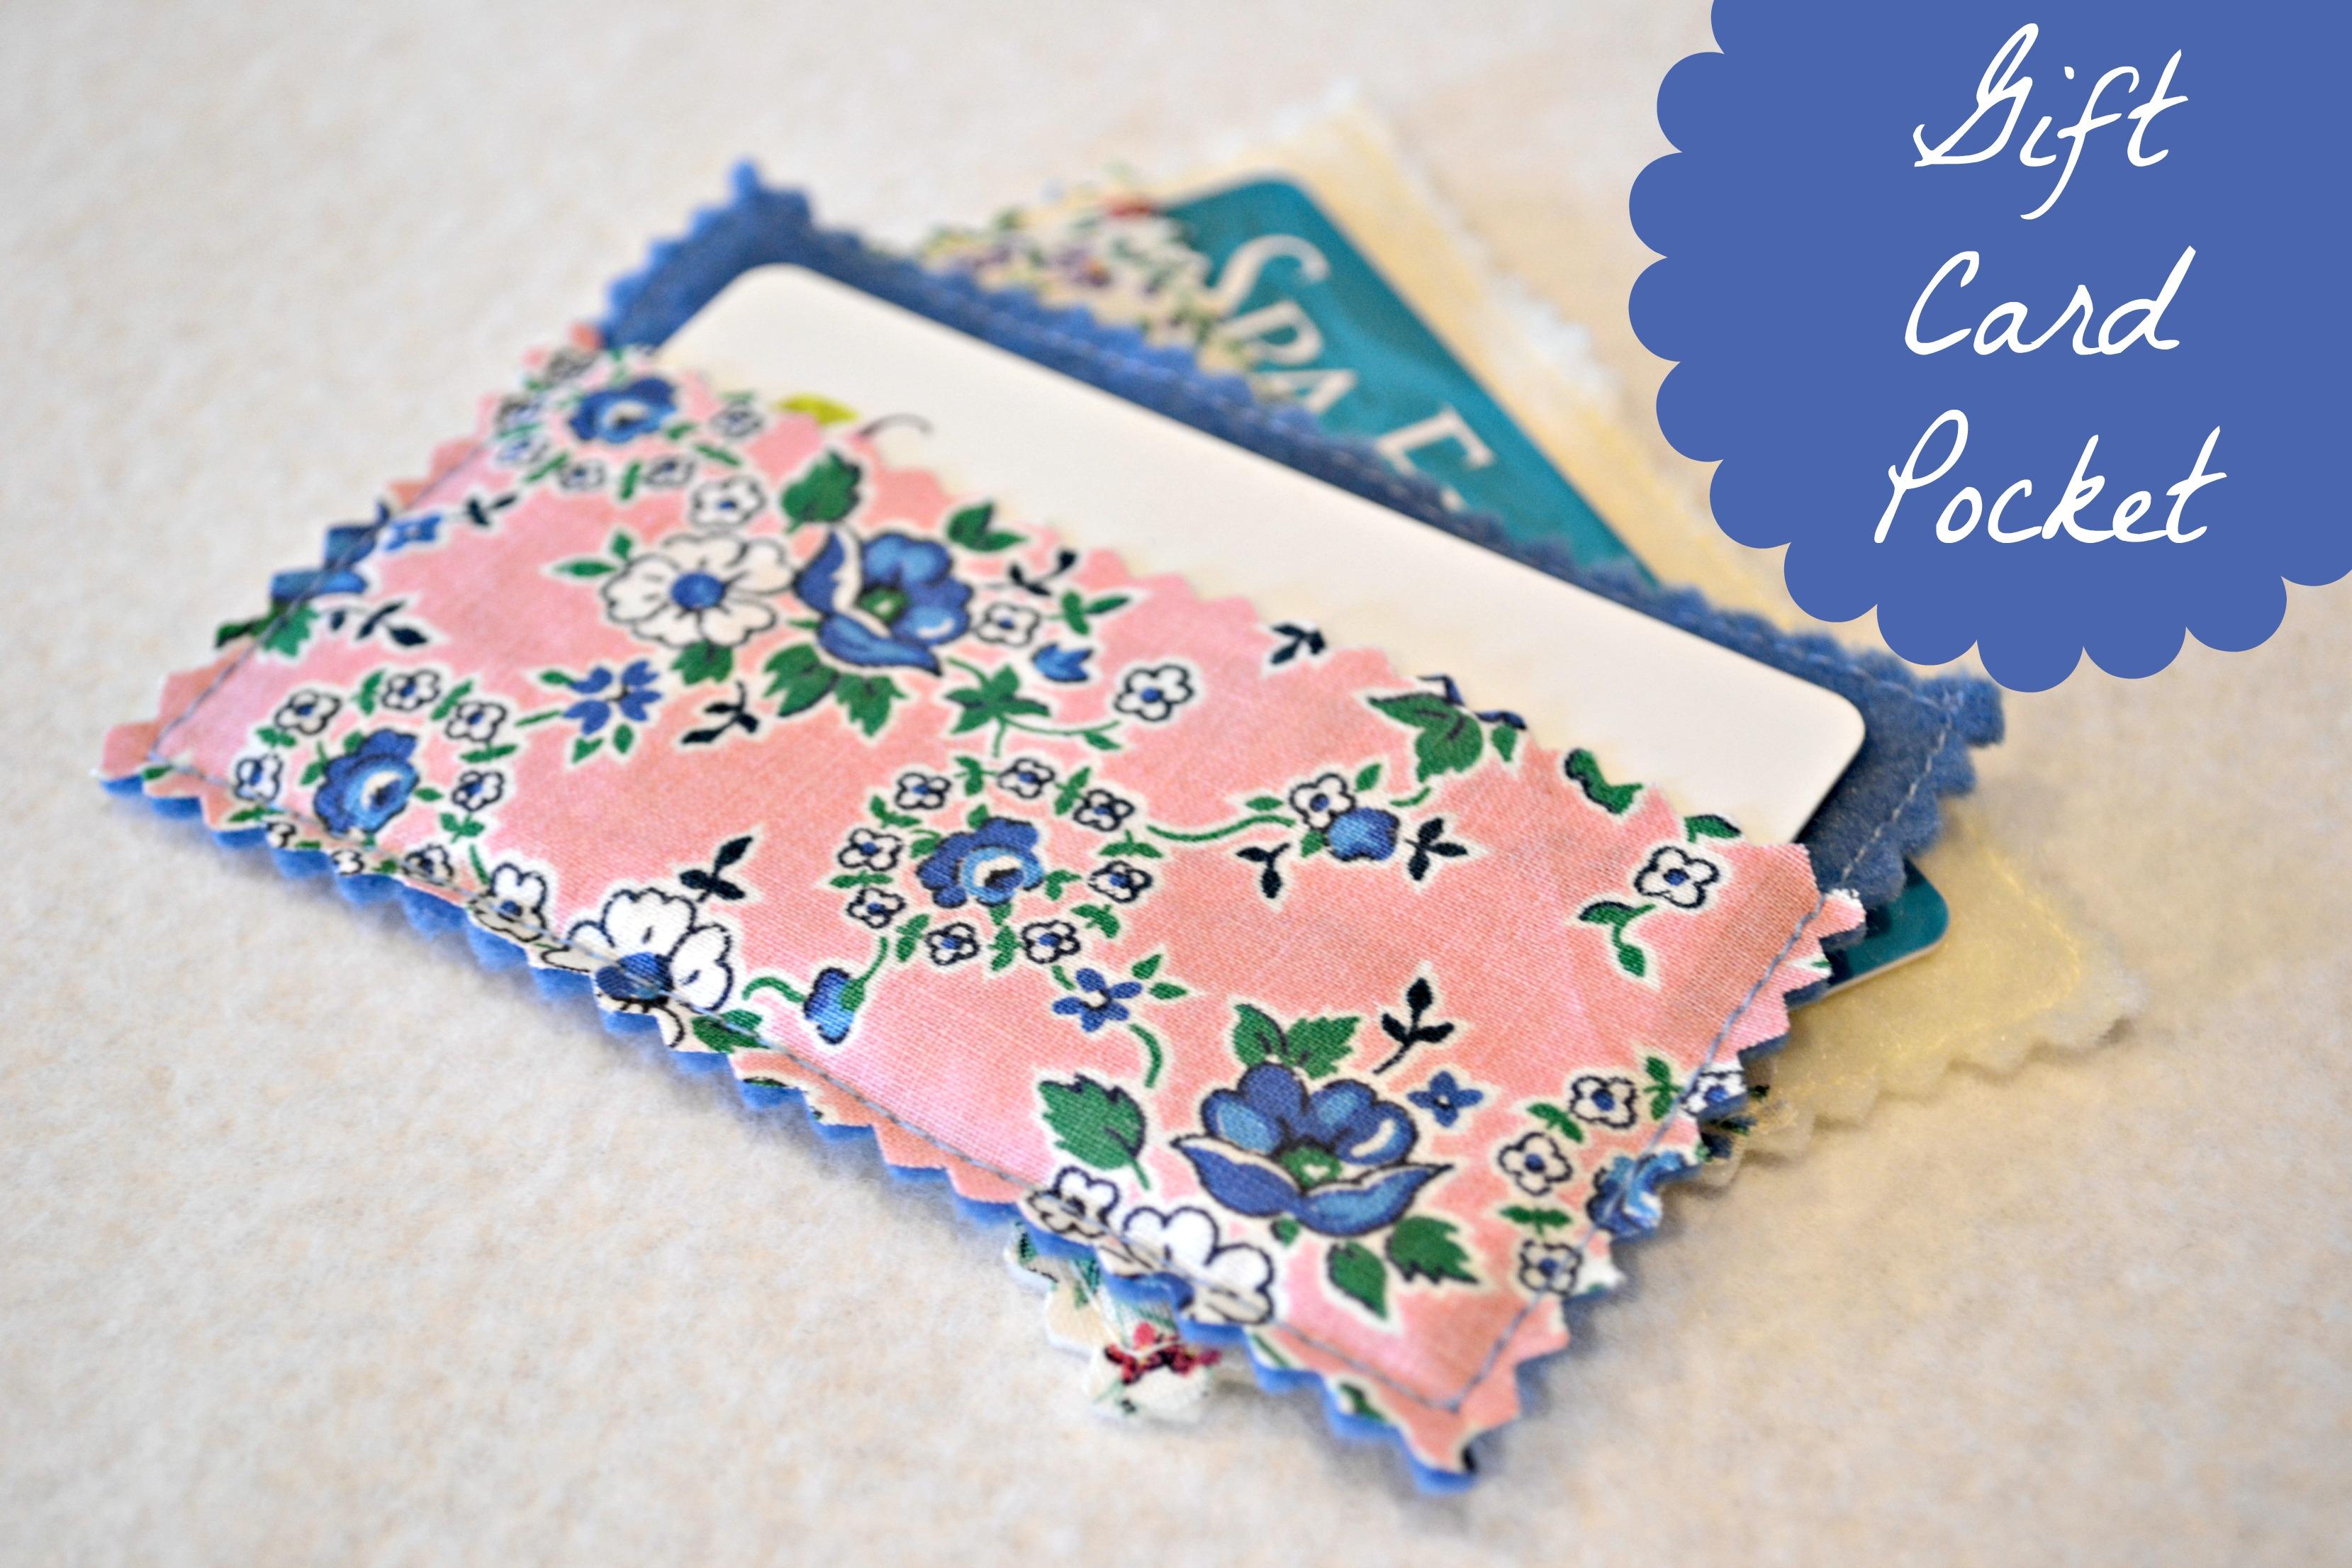 Gift Card Pocket Tutorial